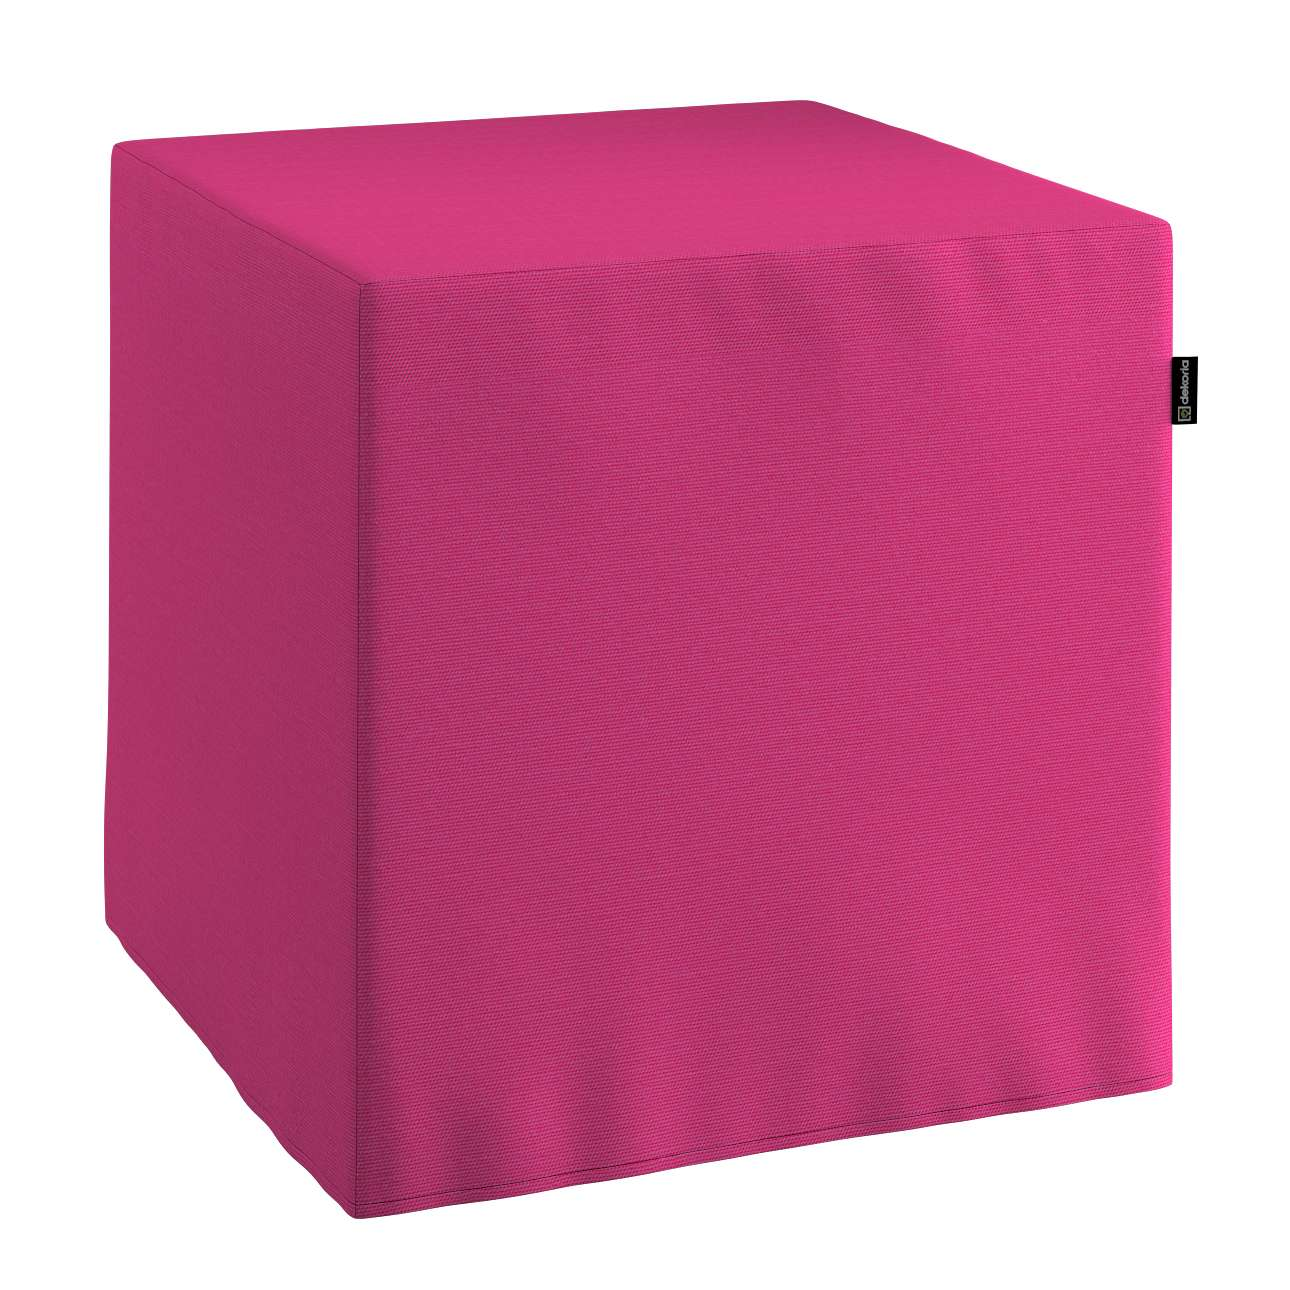 Pokrowiec na pufę kostke kostka 40x40x40 cm w kolekcji Loneta, tkanina: 133-60